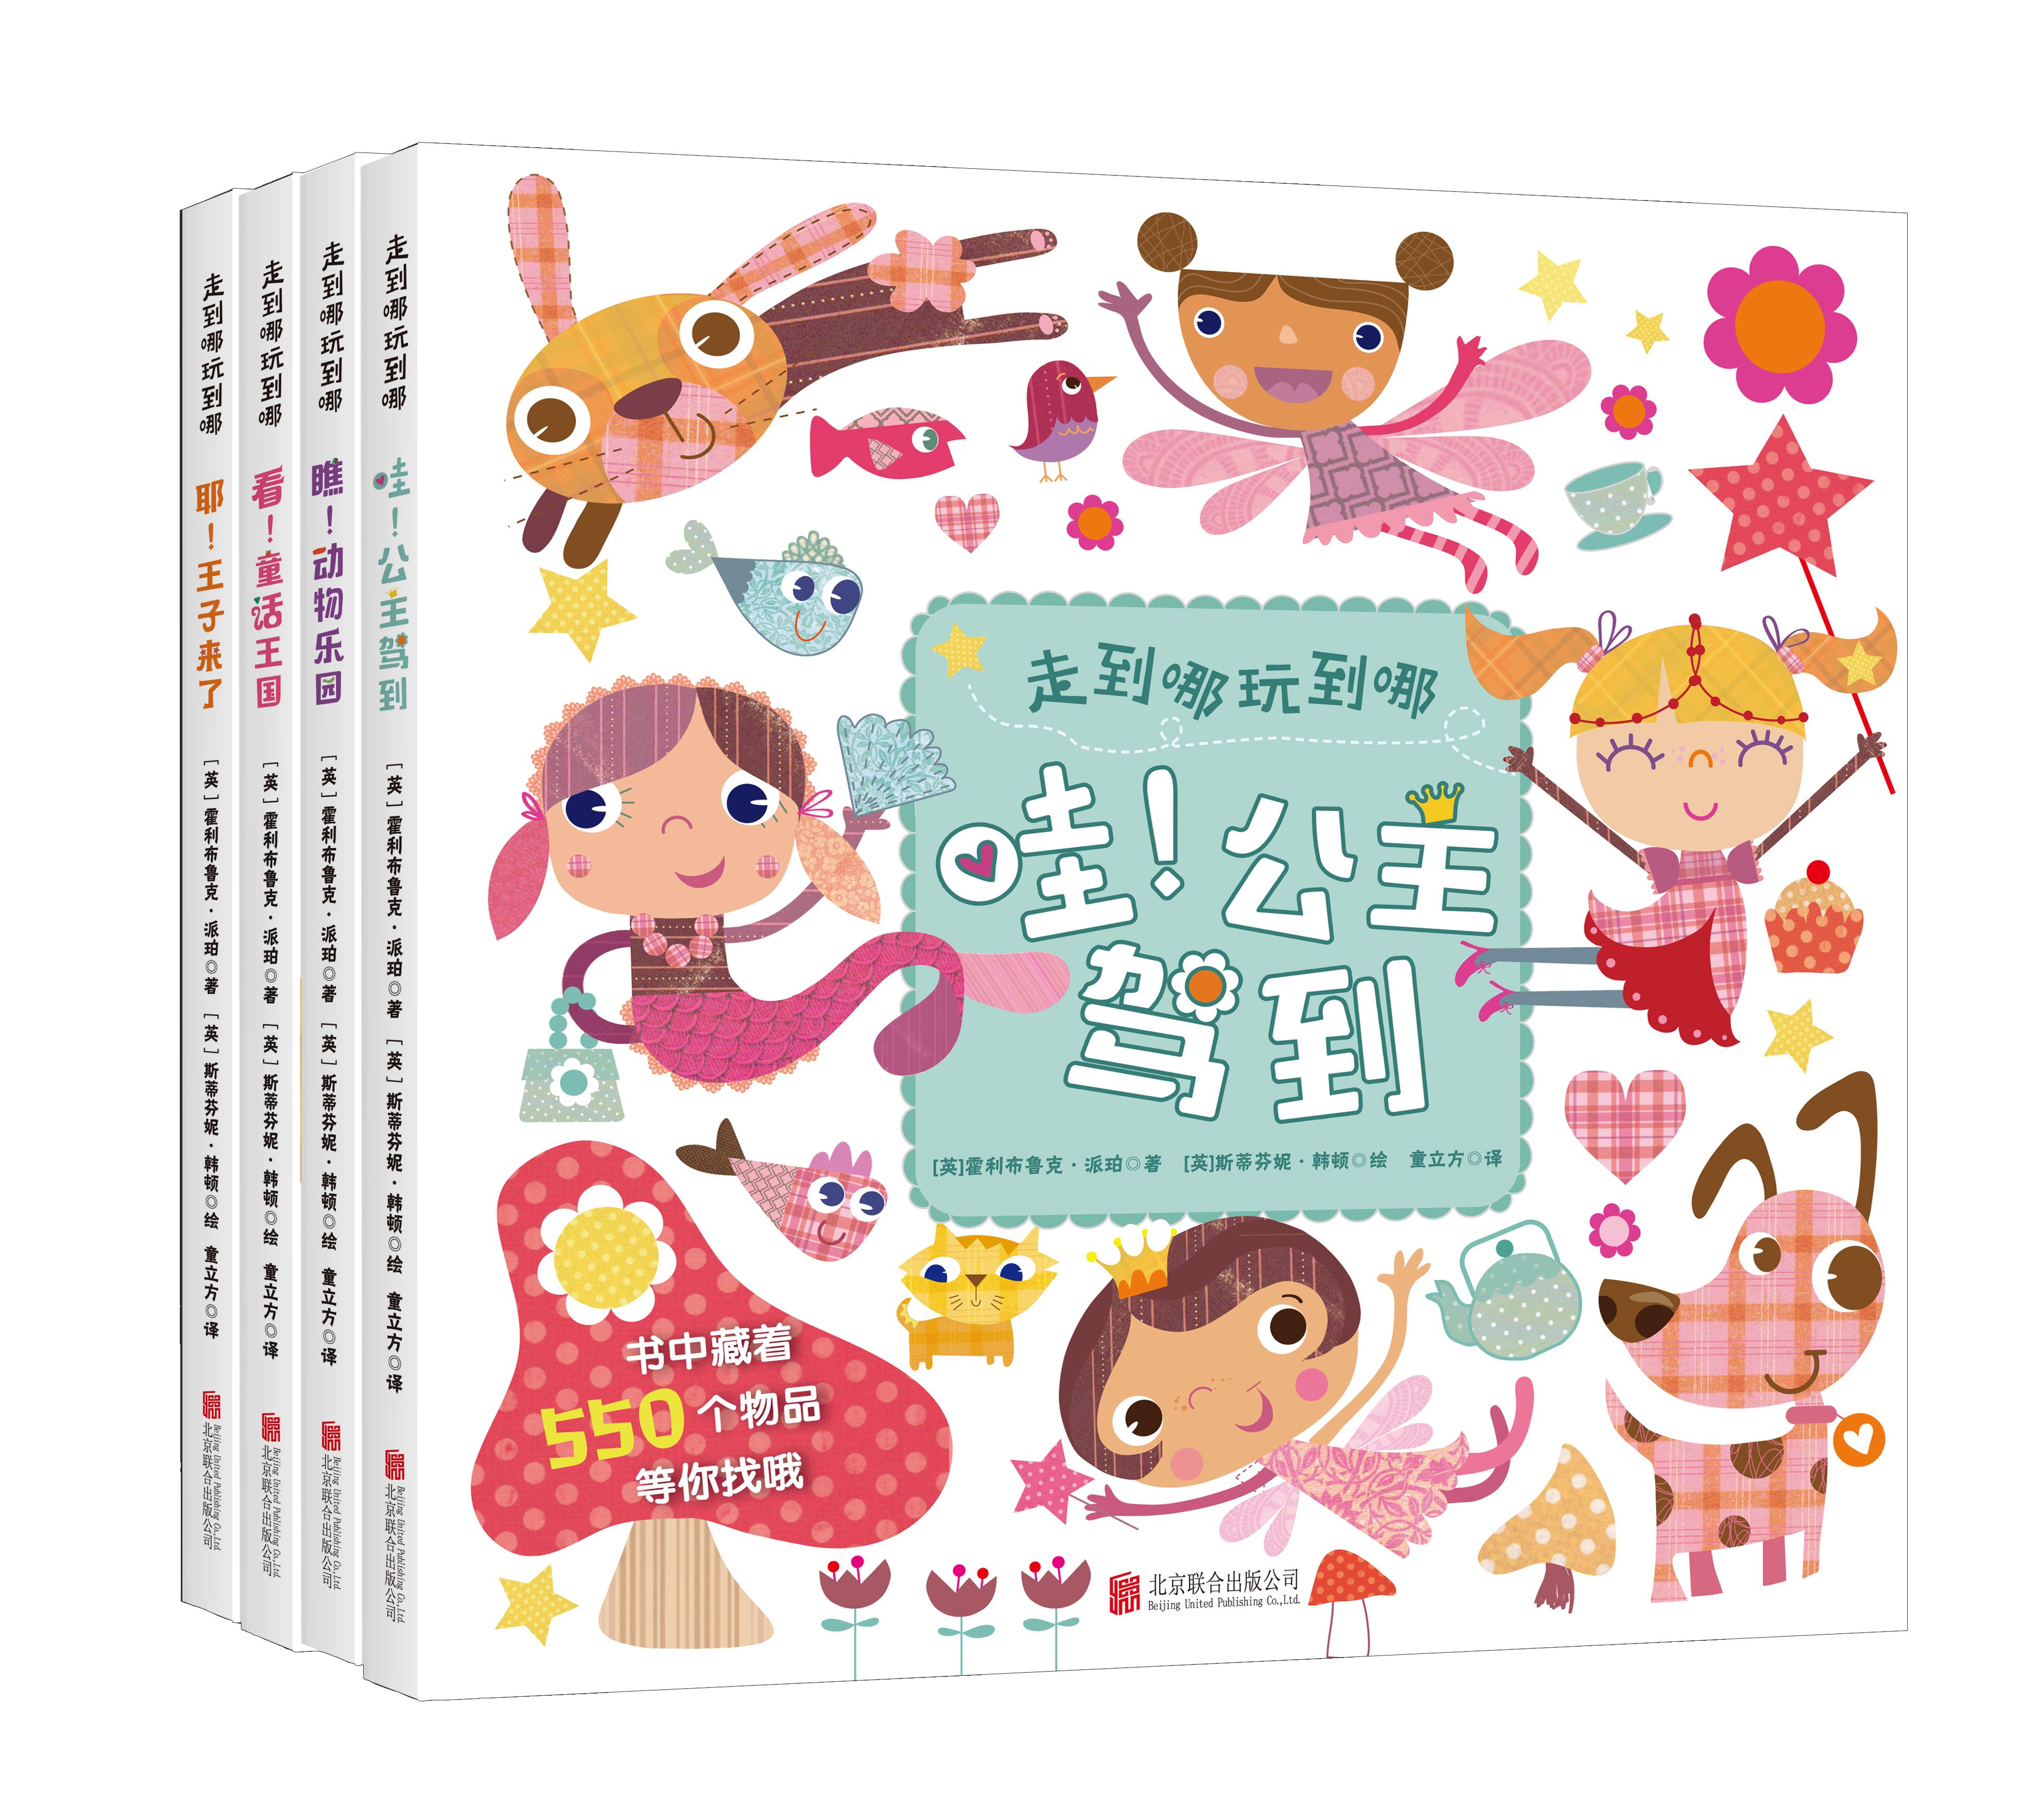 《走到哪儿 玩到哪儿》3册 英国亚马逊畅销图书1-4岁孩子必选 美小朋友痴迷的数学益智视觉游戏